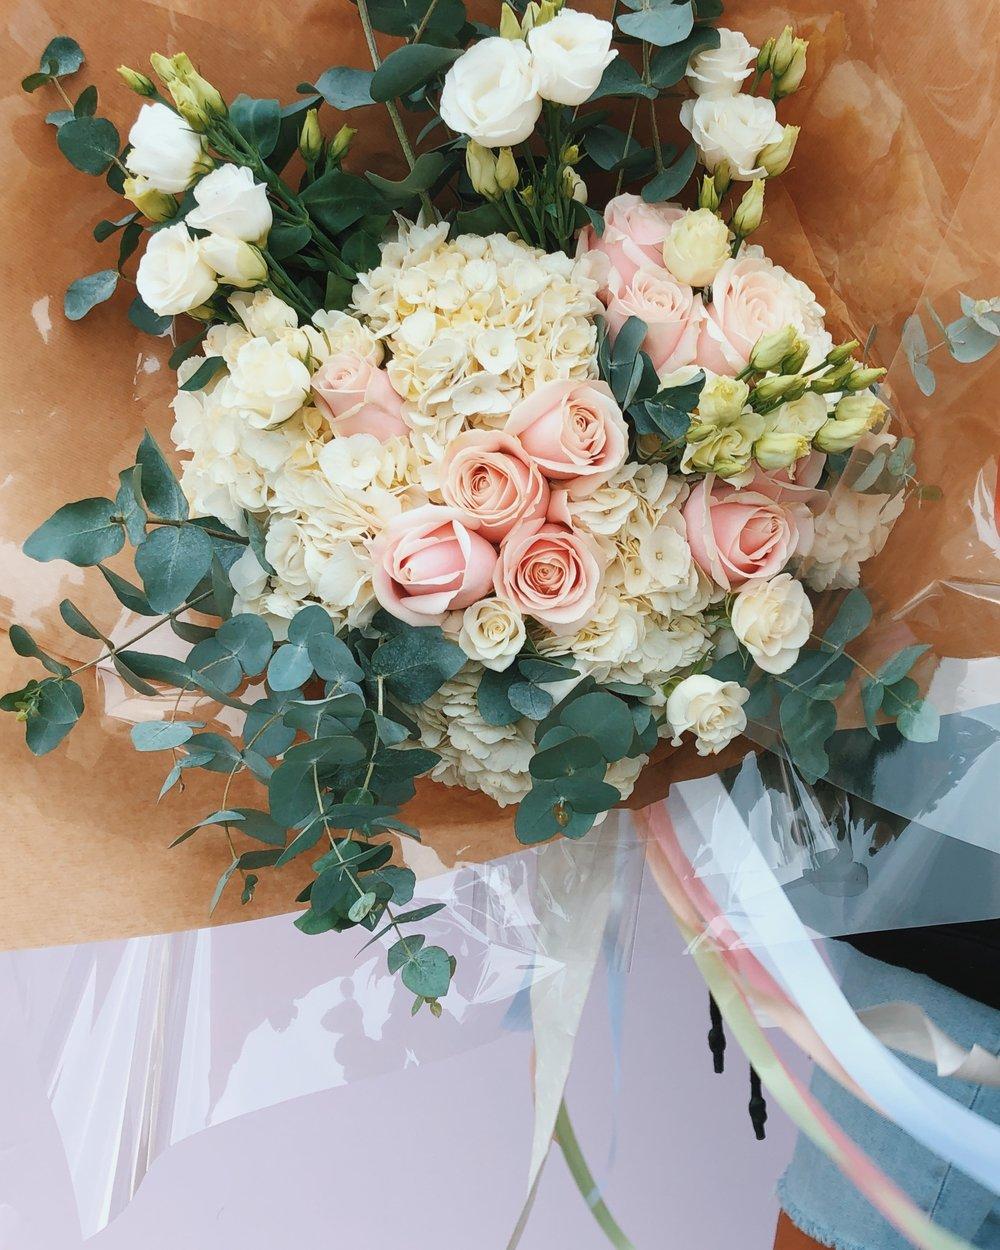 Lush bouquet - Shop Now